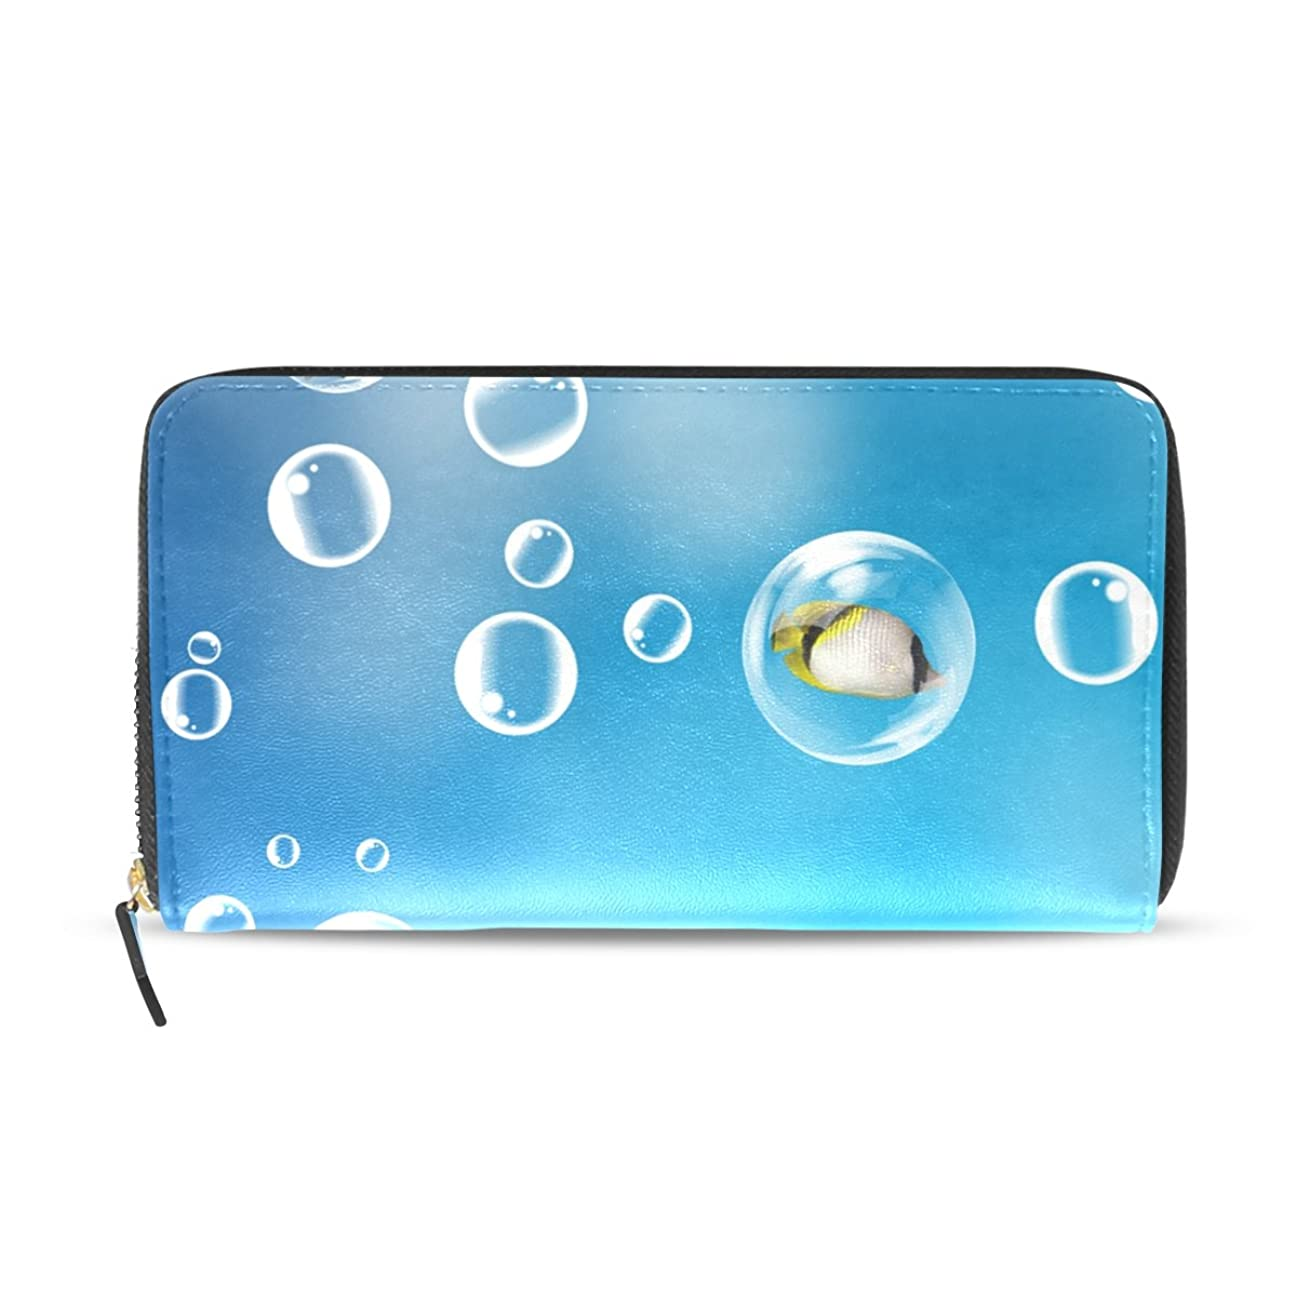 ミュート無力ジャーナル女性用ブルービーチ貝殻Oceanブリスターパターン長財布&財布ケースカードホルダー